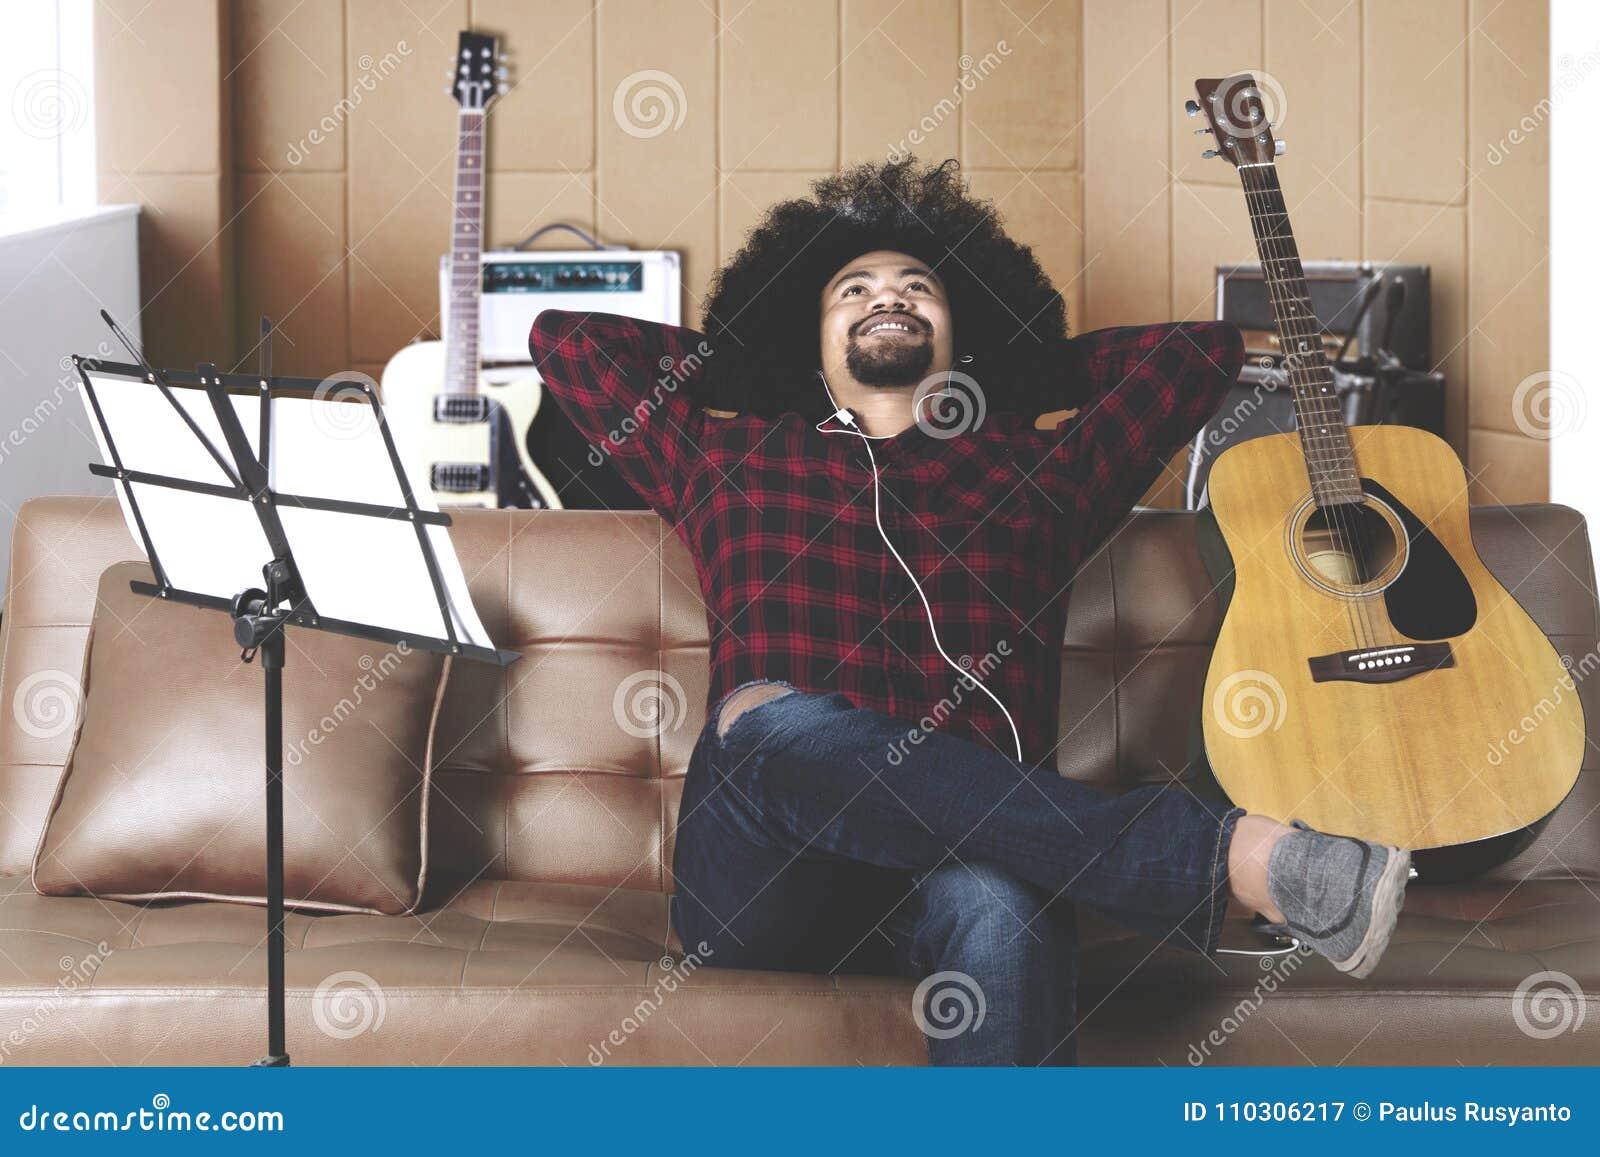 Ο μουσικός ακούει τη μουσική βρίσκοντας την έμπνευση για να γράψει ένα τραγούδι